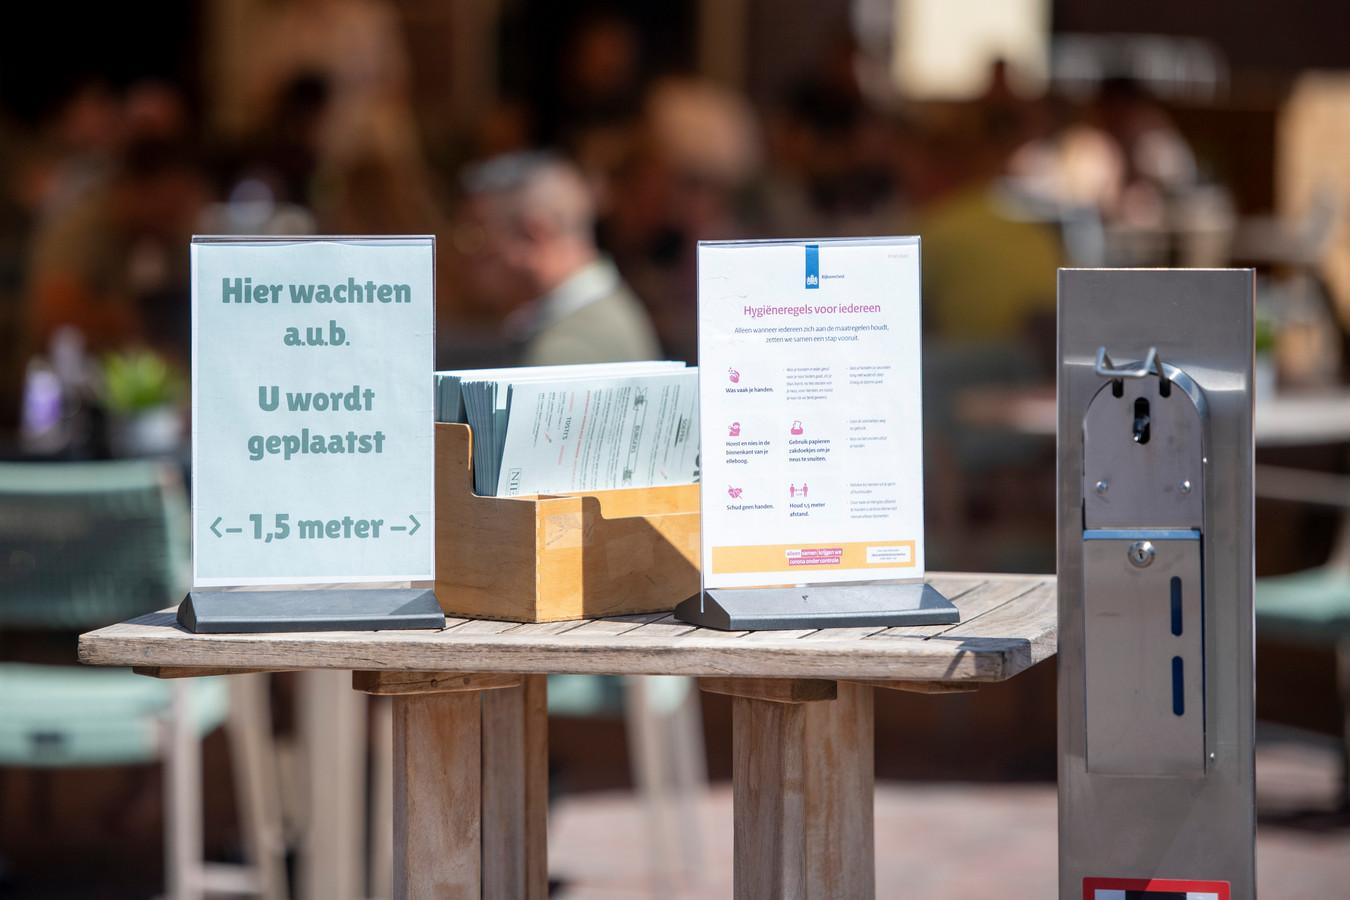 Terrassen in Twente tonen de hygiëneregels aan de klanten.